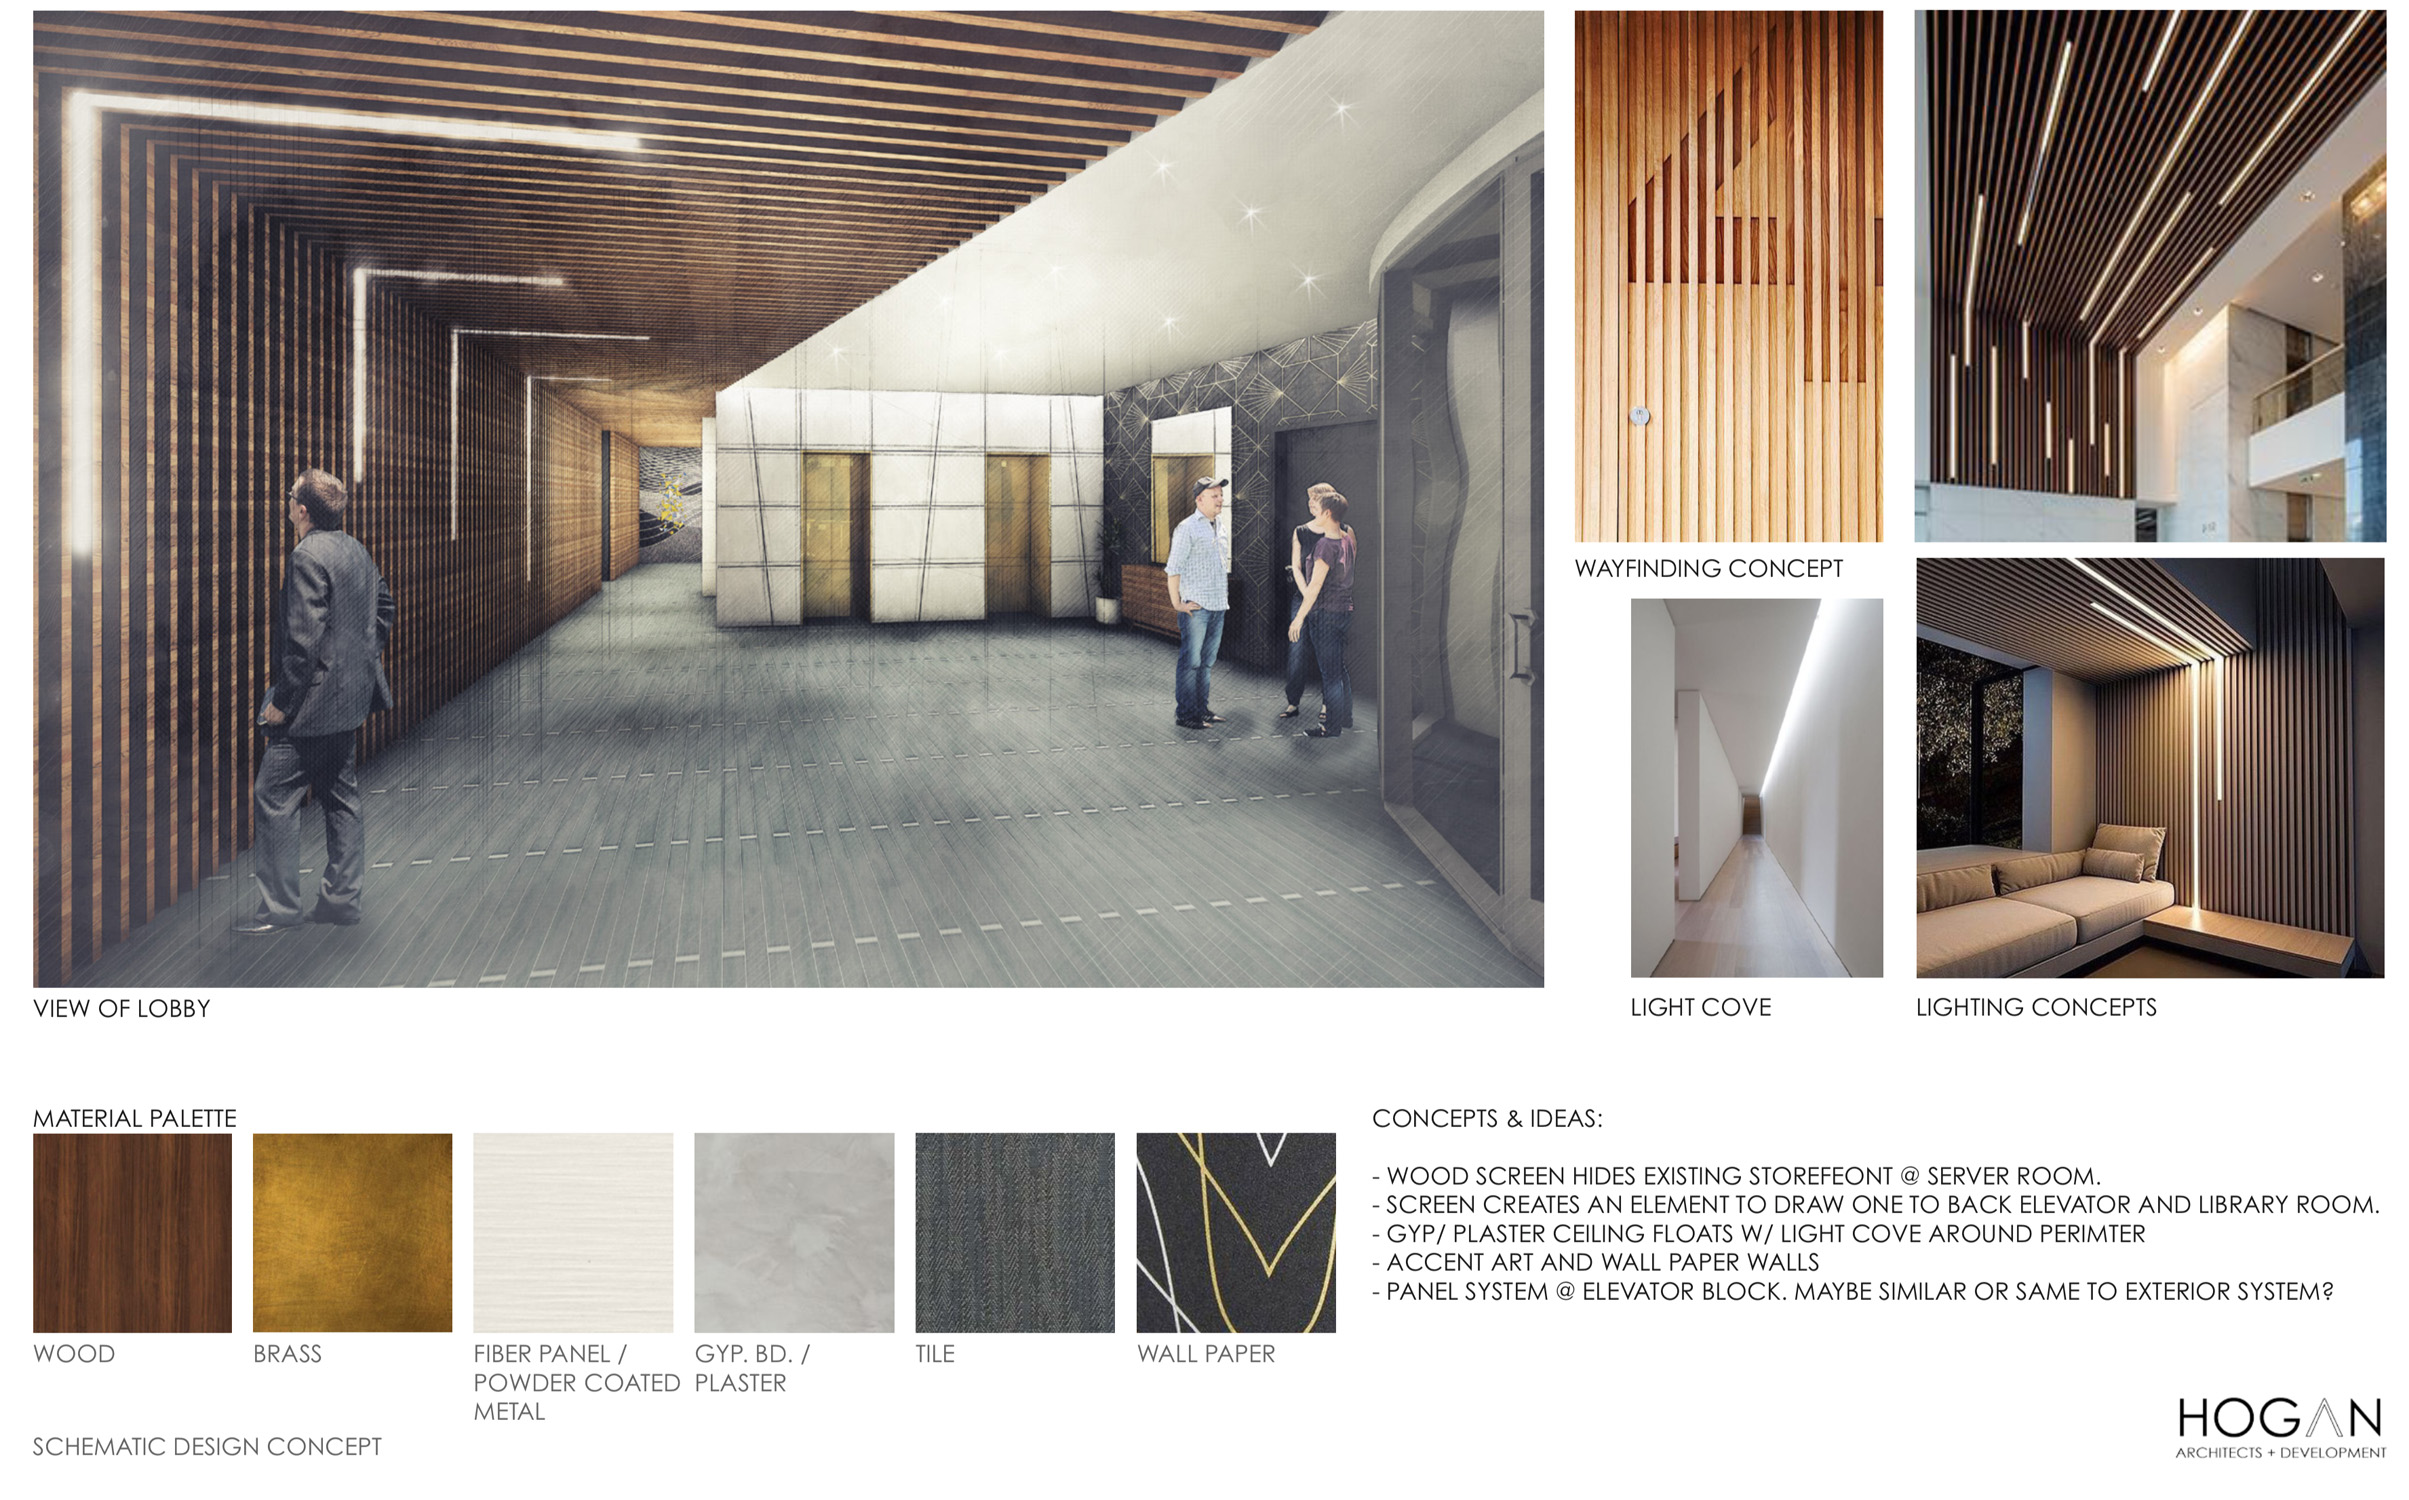 austin-architect-concept-schematics.jpg